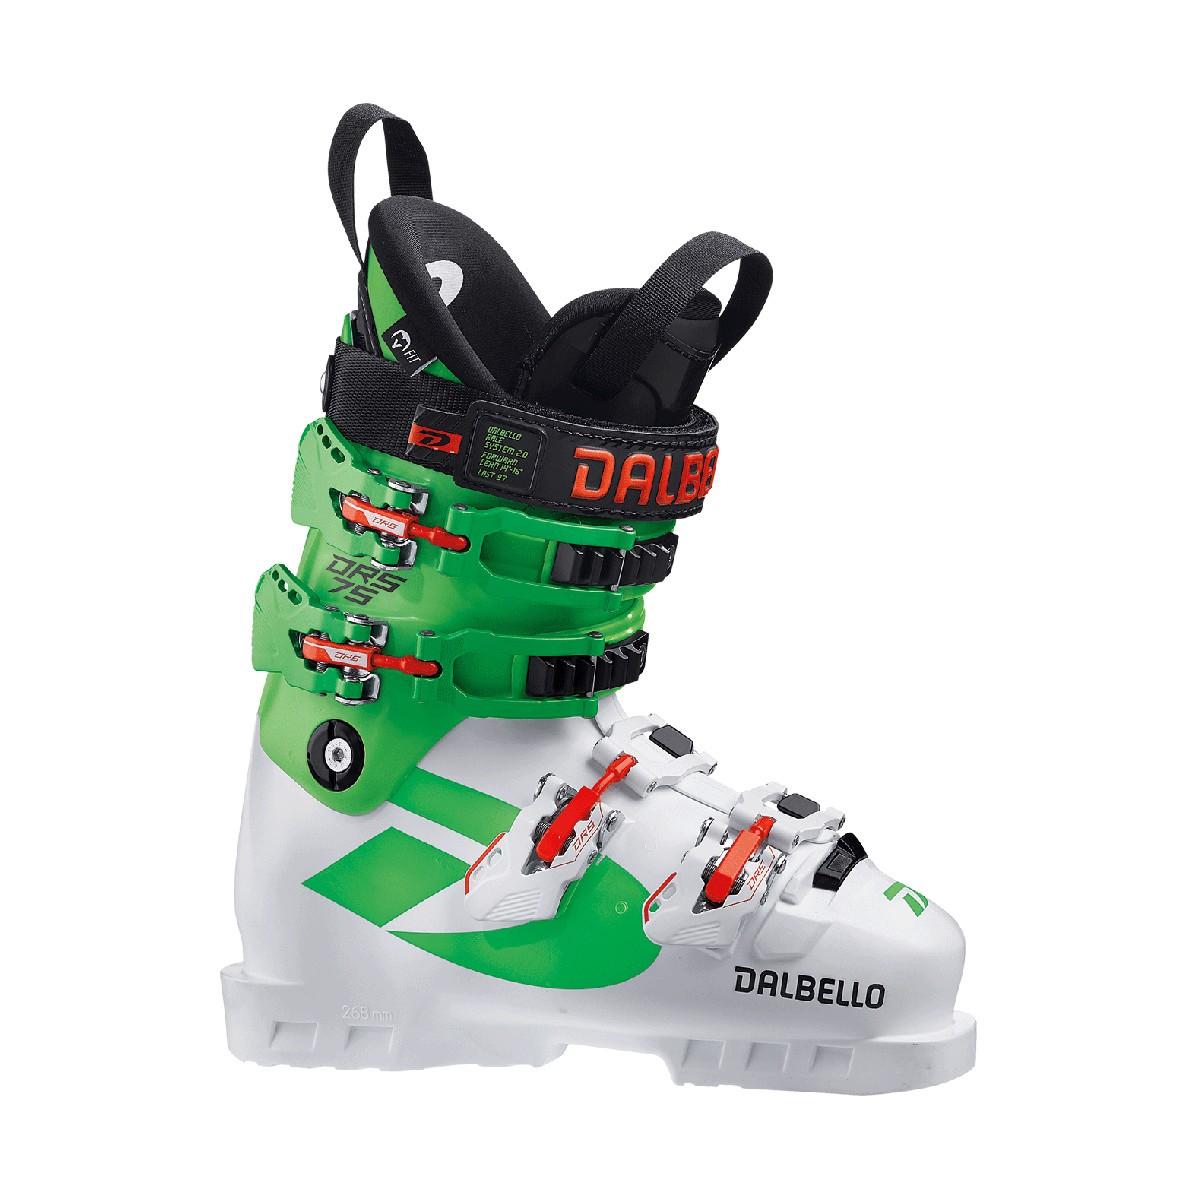 Scarponi Sci Dalbello DRS 75 (Colore: white-race green, Taglia: 23.5)